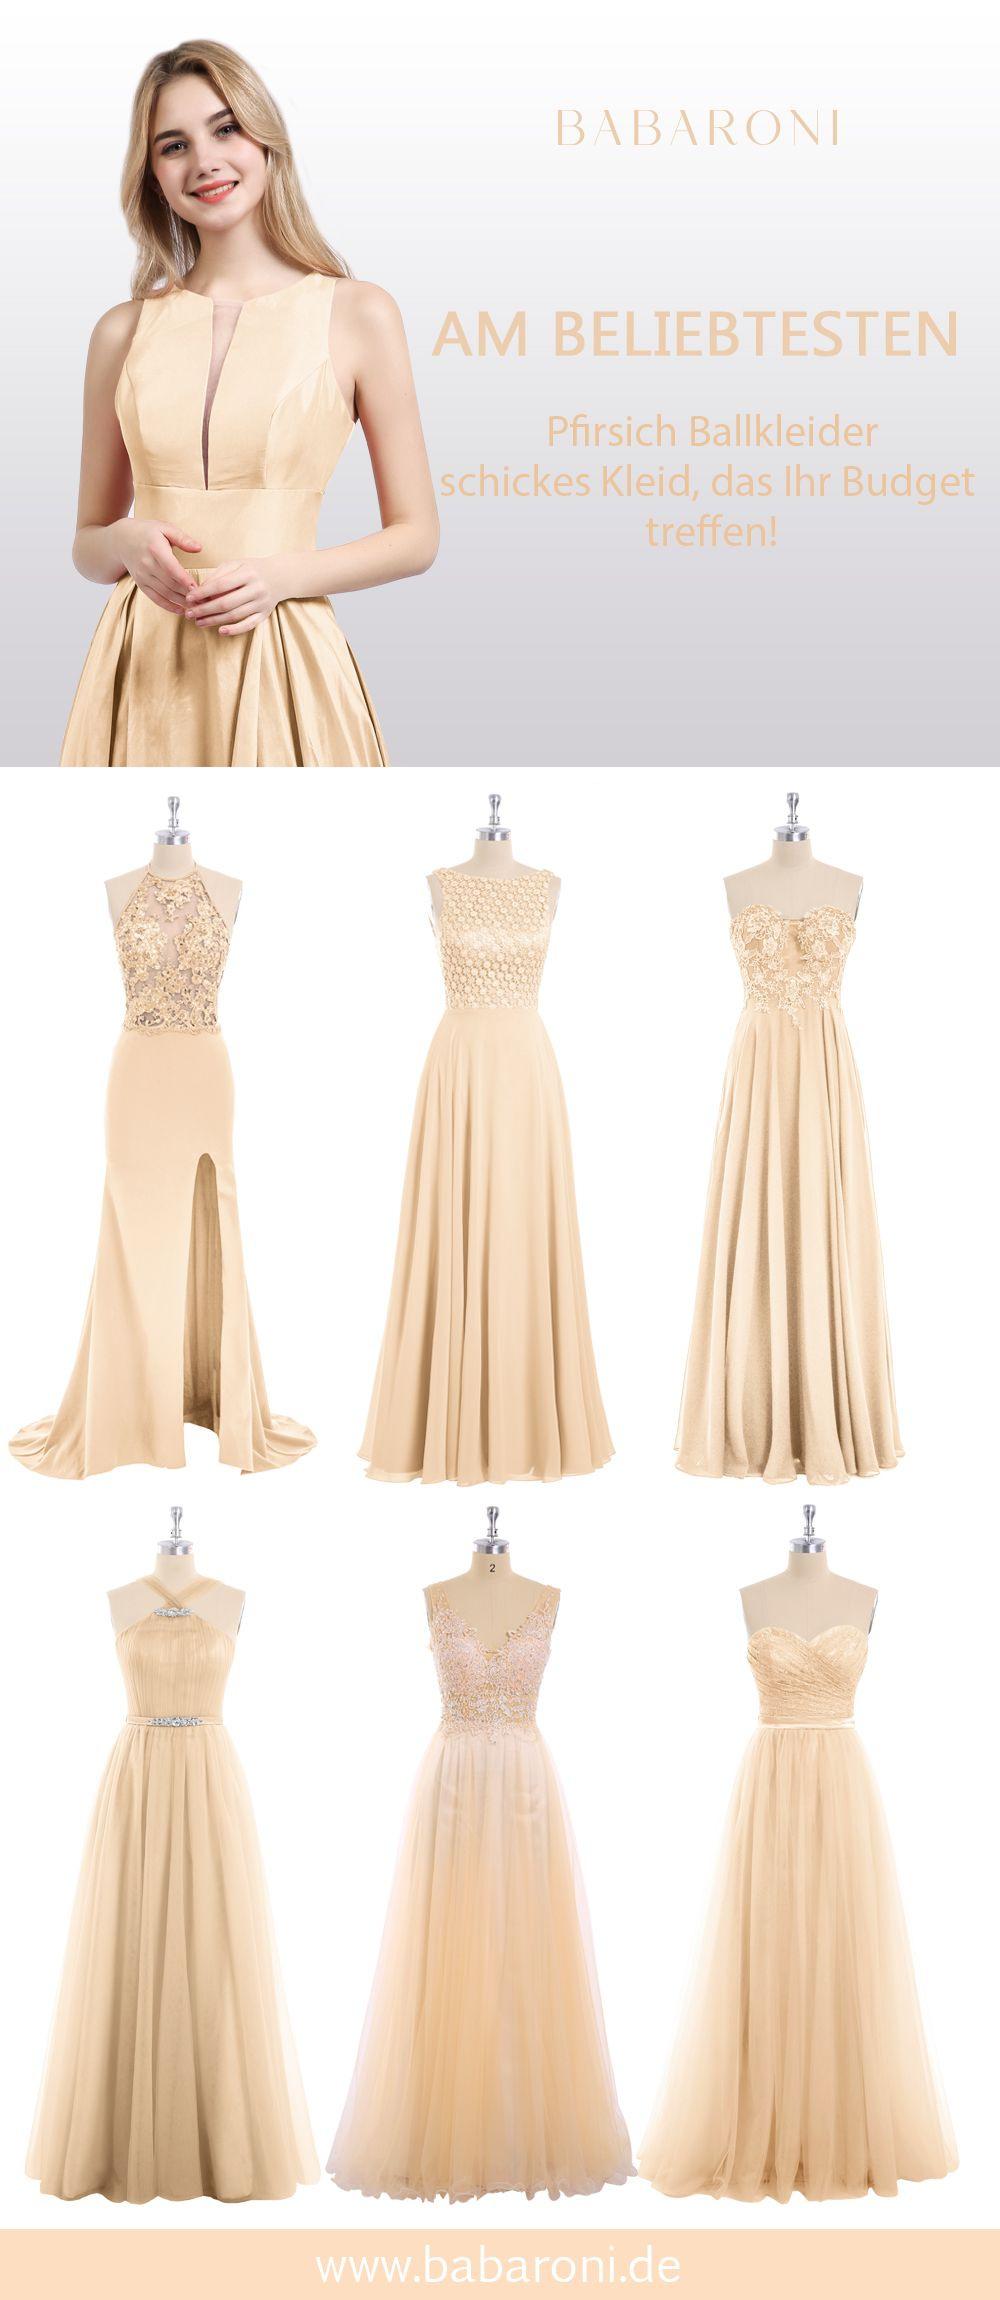 13 Großartig Mädchen Abendkleider Spezialgebiet15 Luxurius Mädchen Abendkleider Boutique